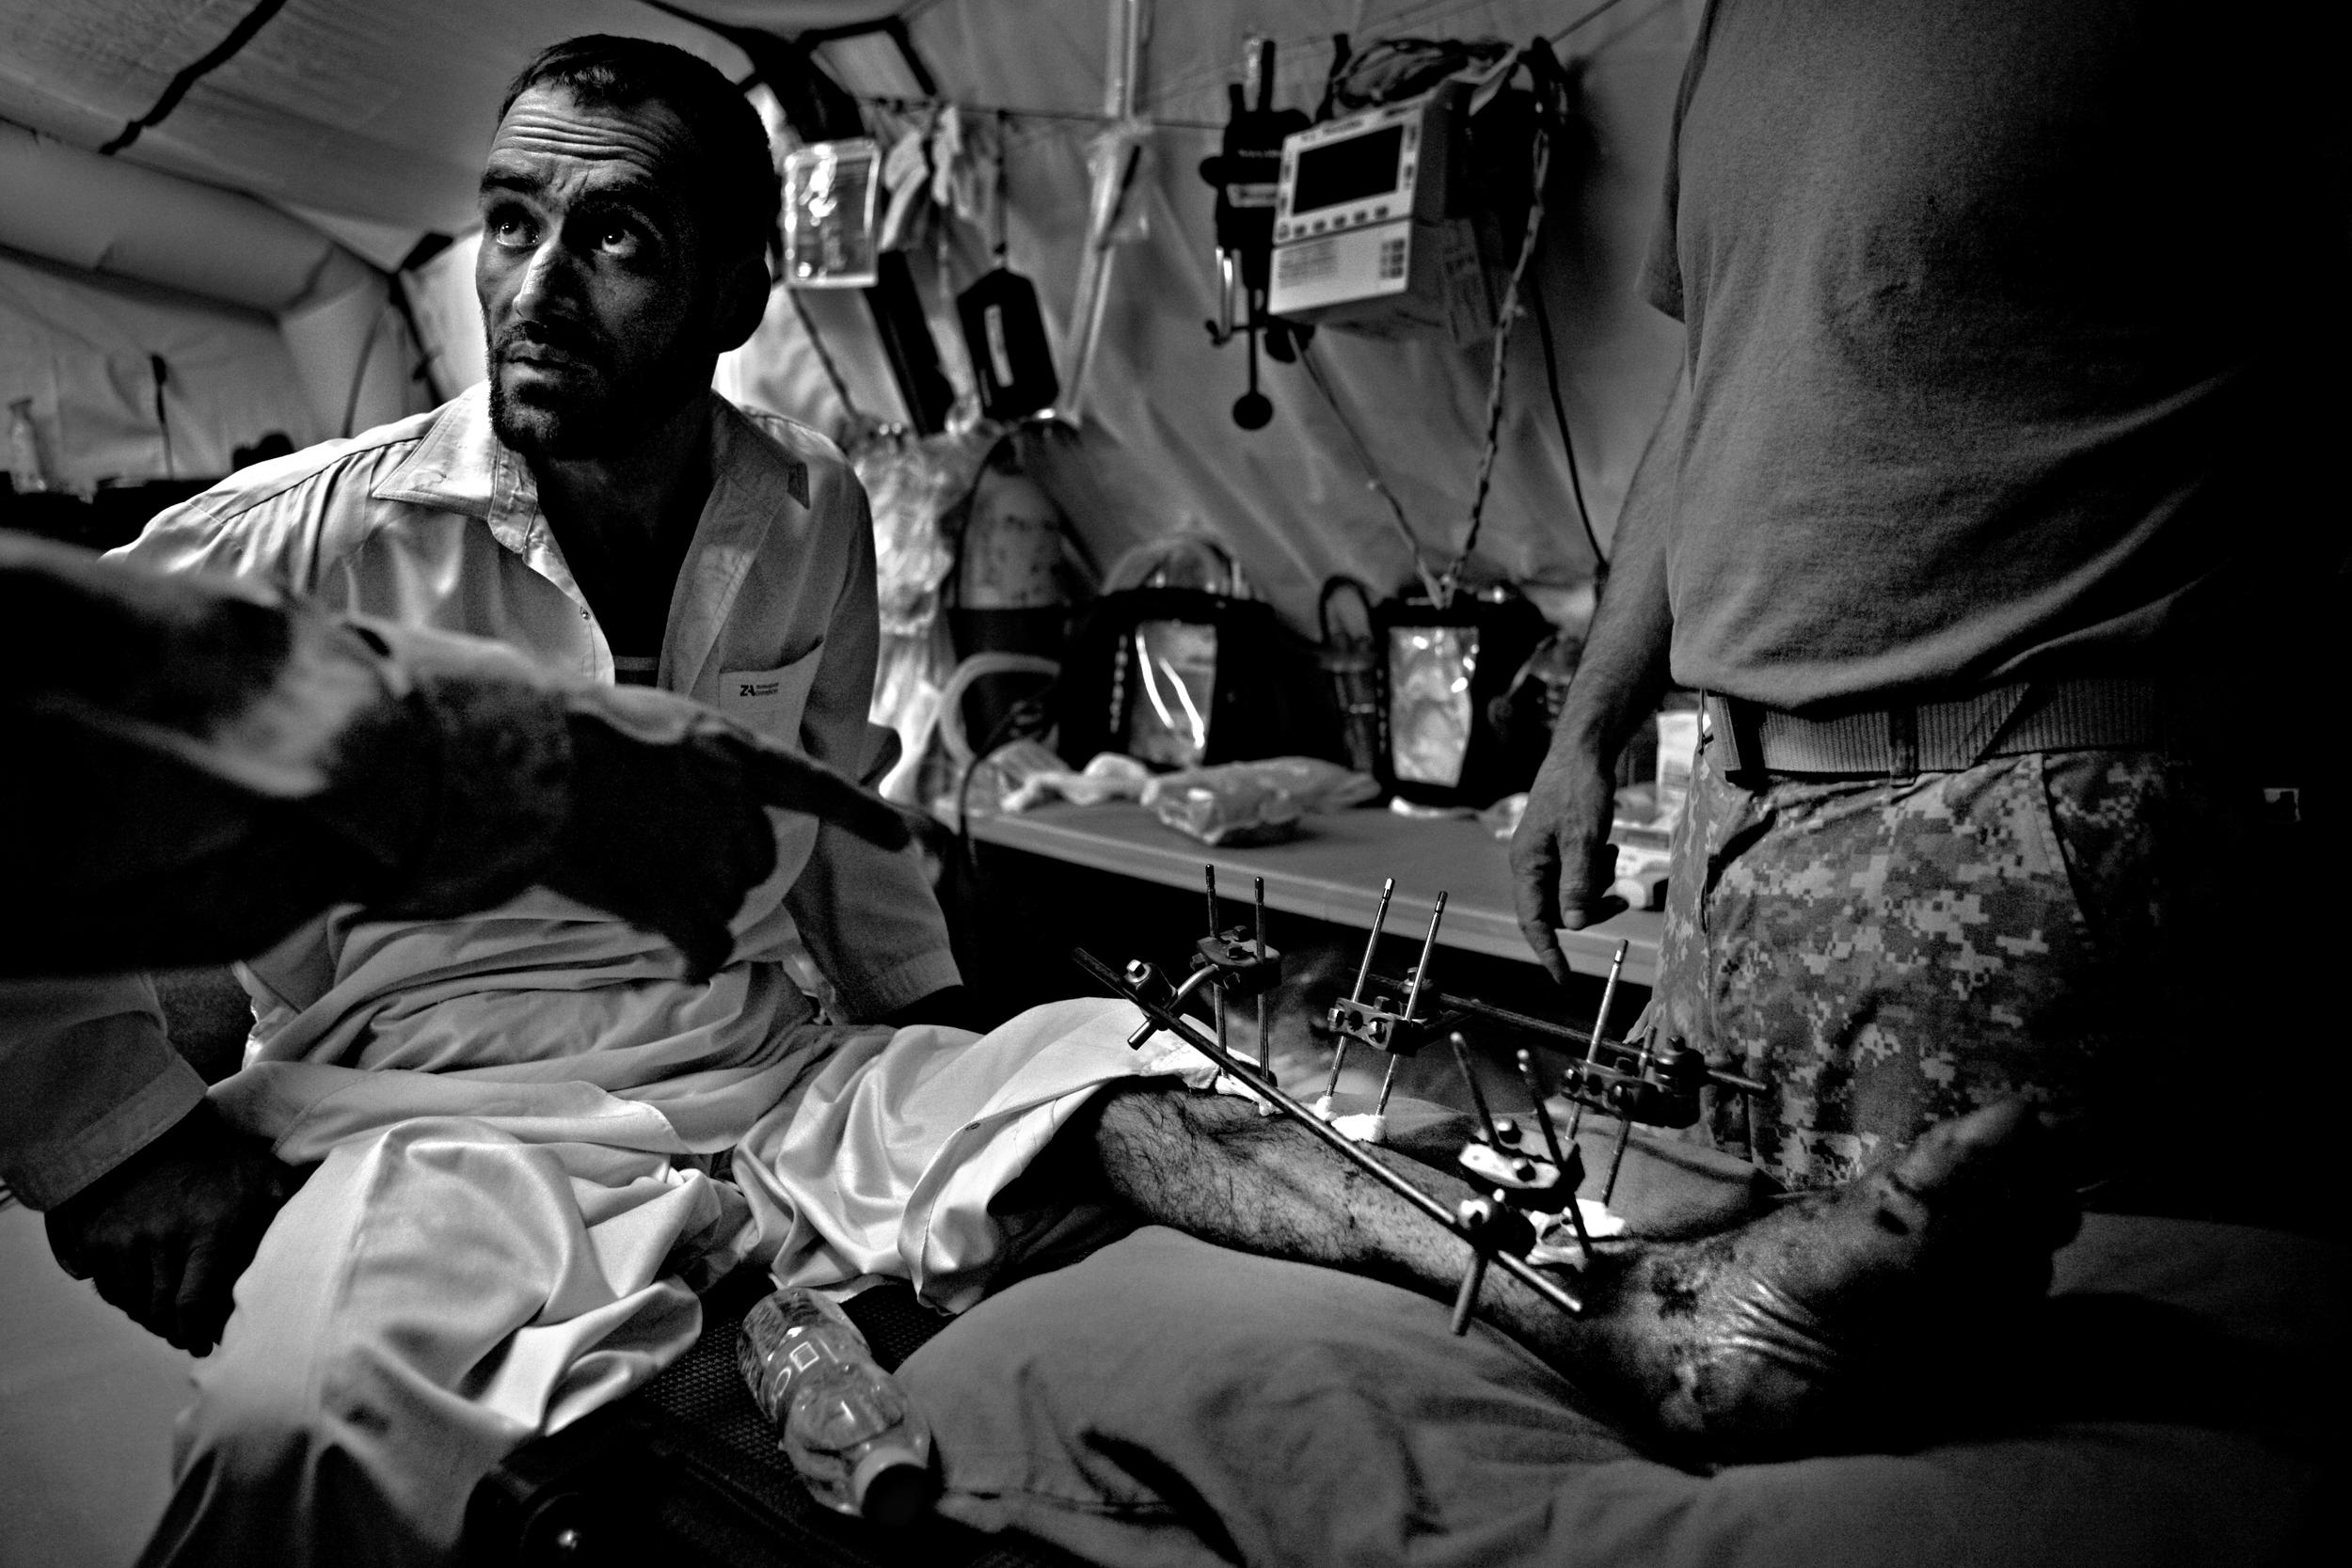 Afghanistan-ER-2009-Trieb-28.jpg